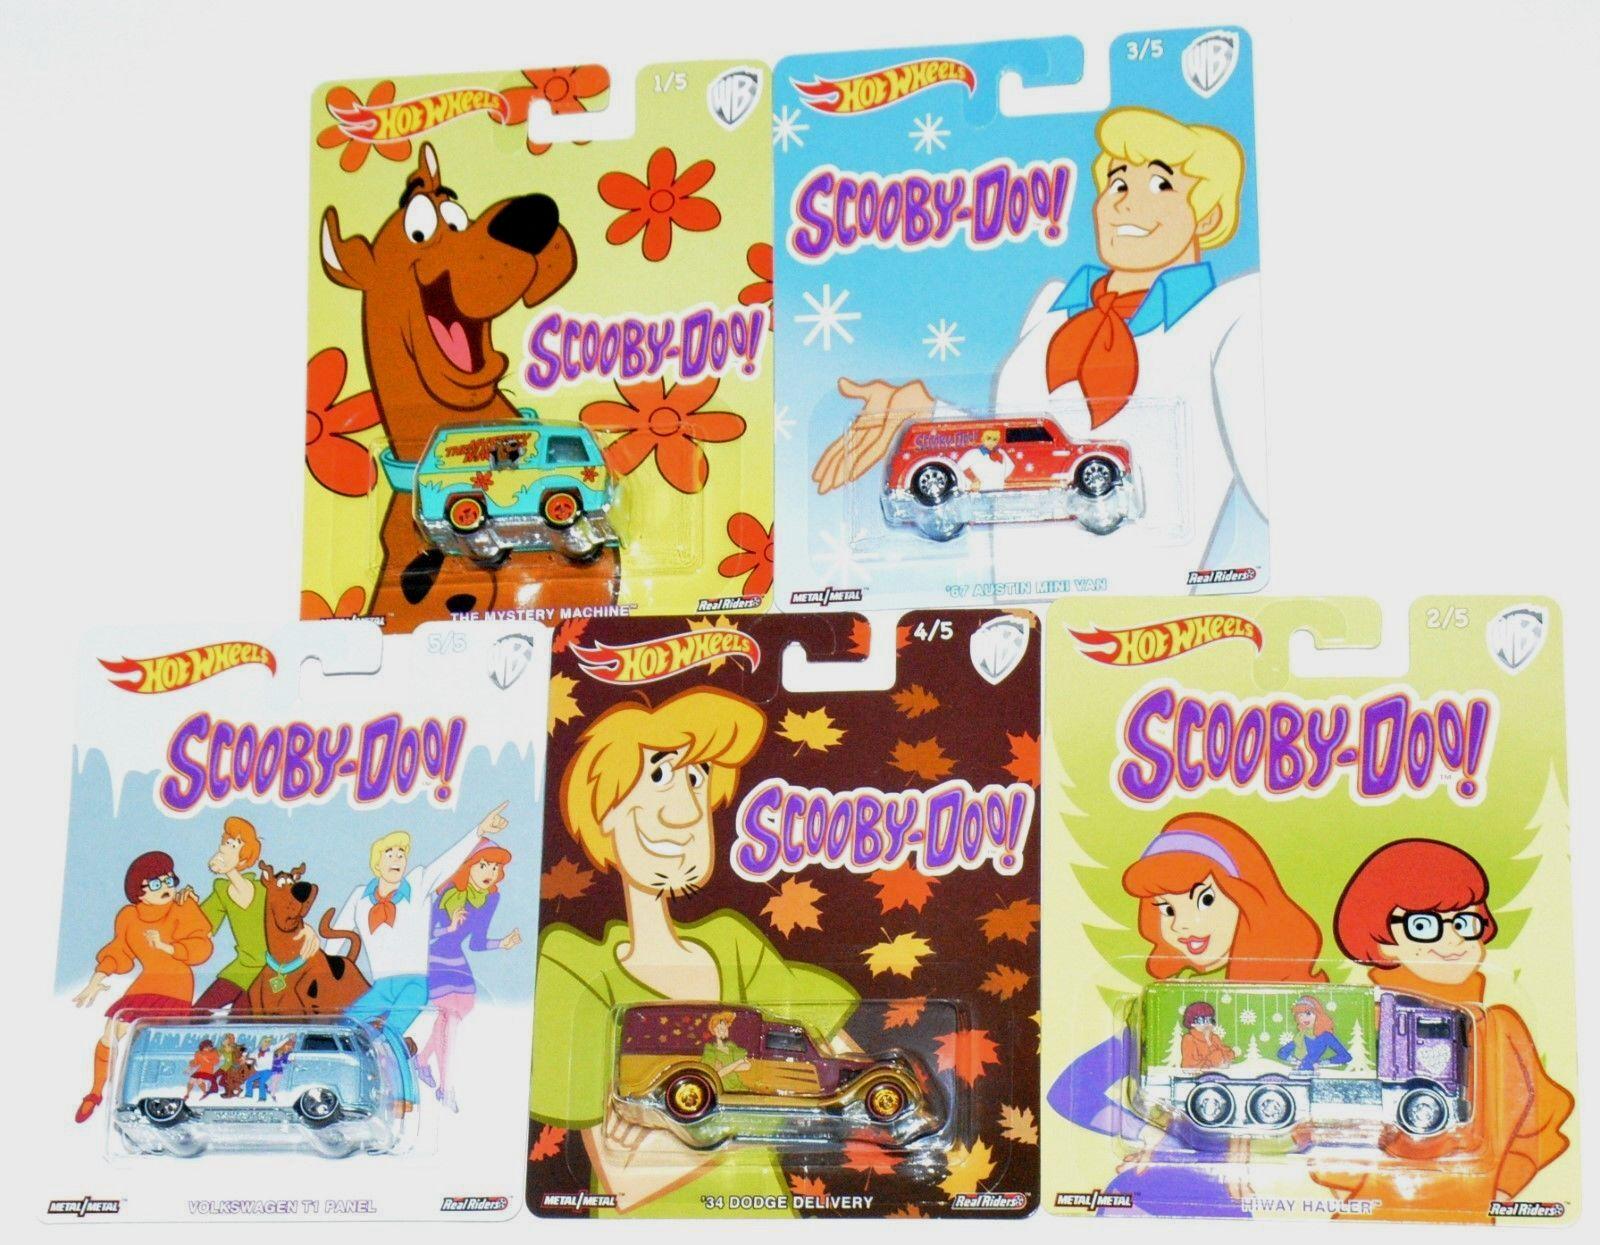 Hot Wheels 2017 Pop Culture Scooby-Doo